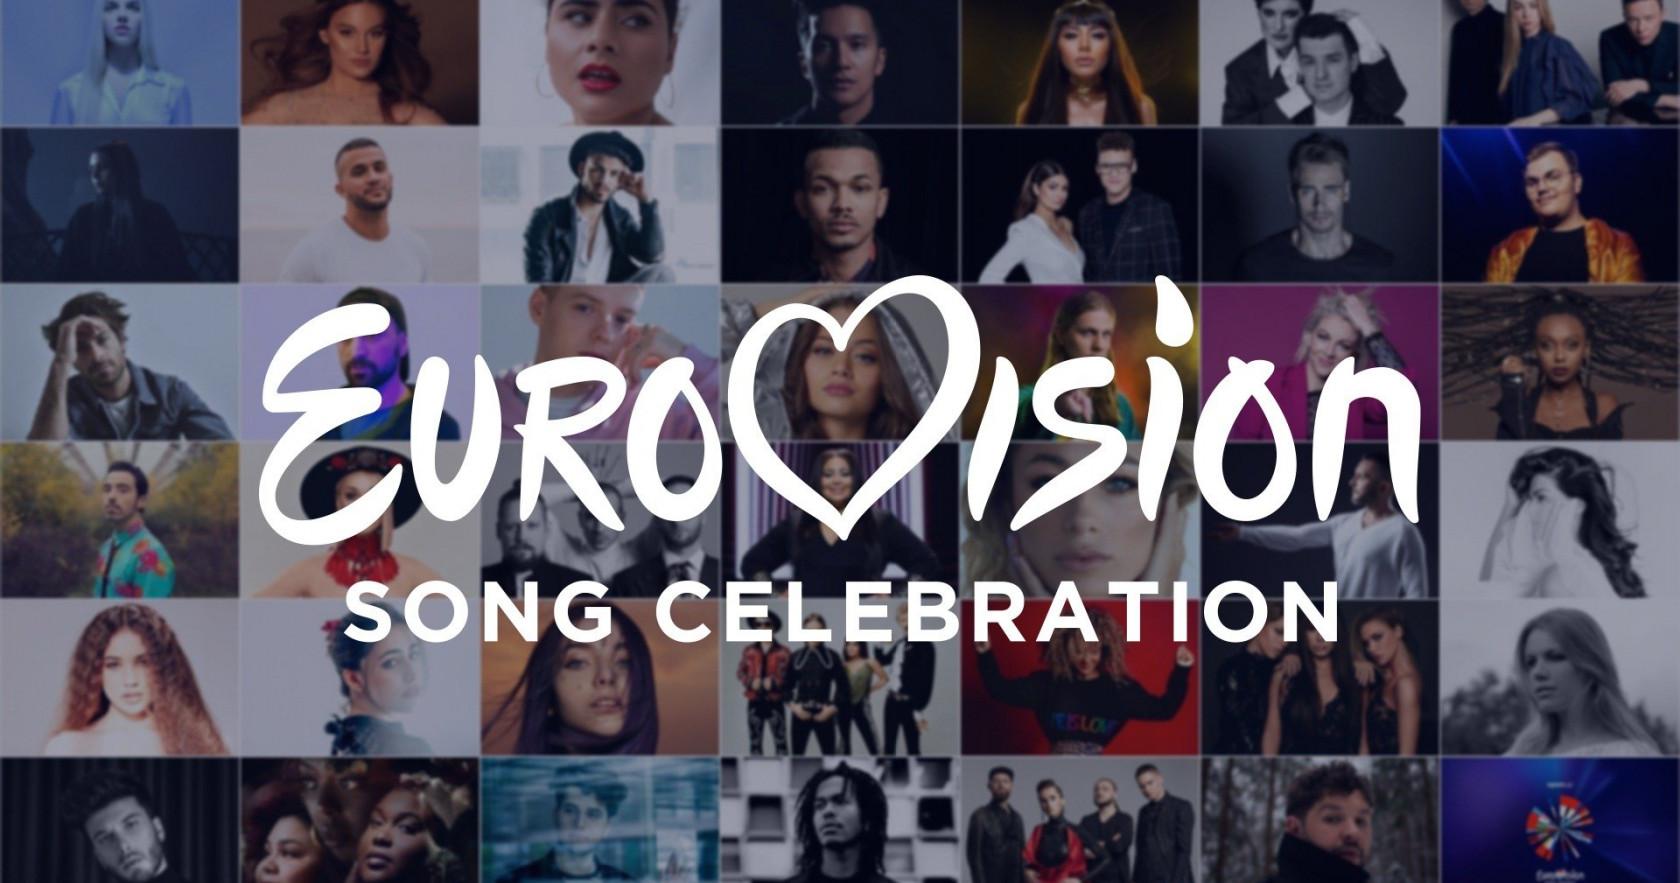 """eurovision 2020 song celebration - Неделя """"Евровидения"""". Что покажут вместо конкурса """"Евровидение-2020""""?"""